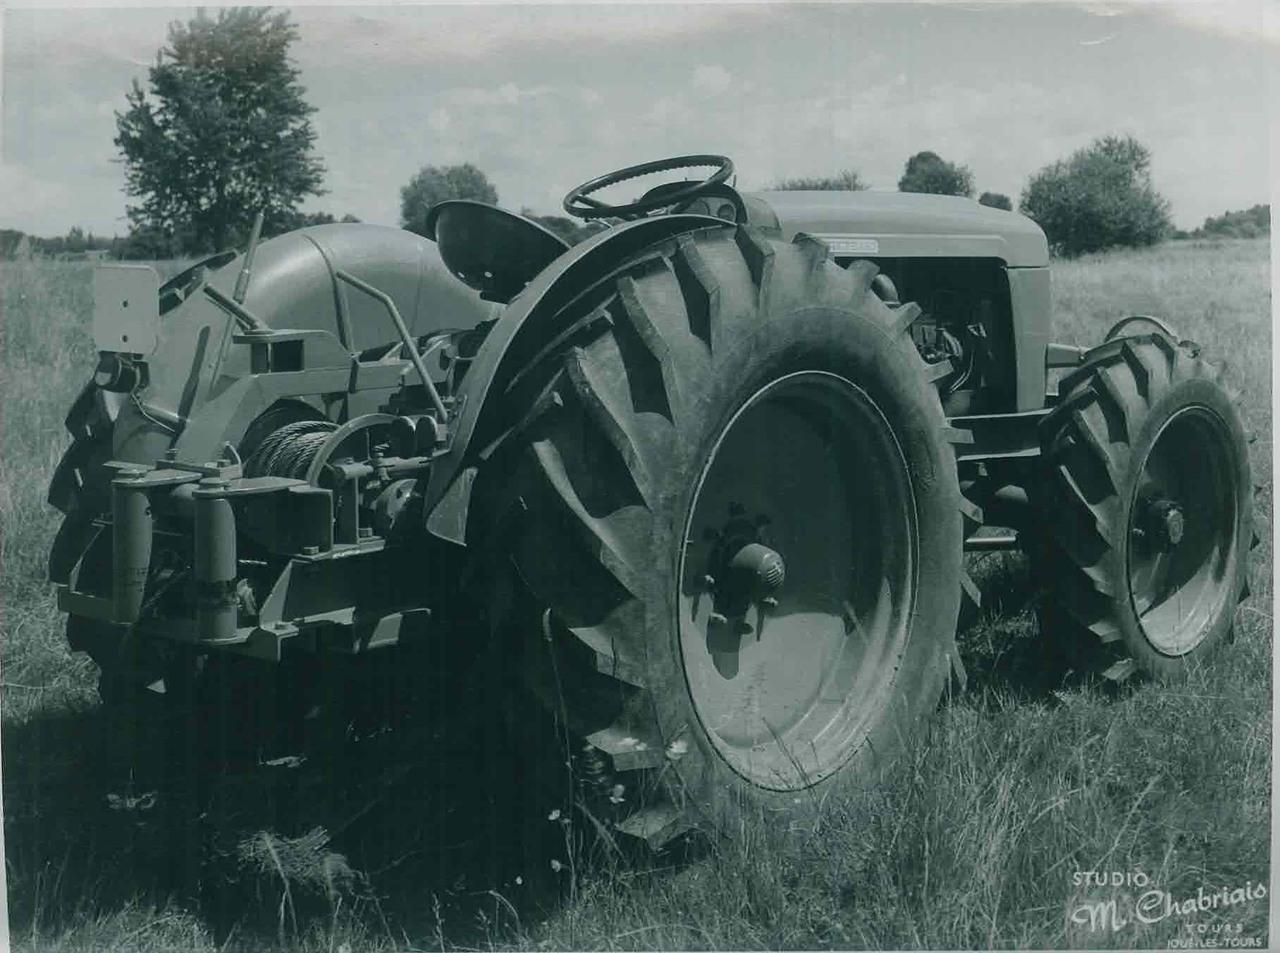 Trattore SAME 480 a quattro ruote motrici